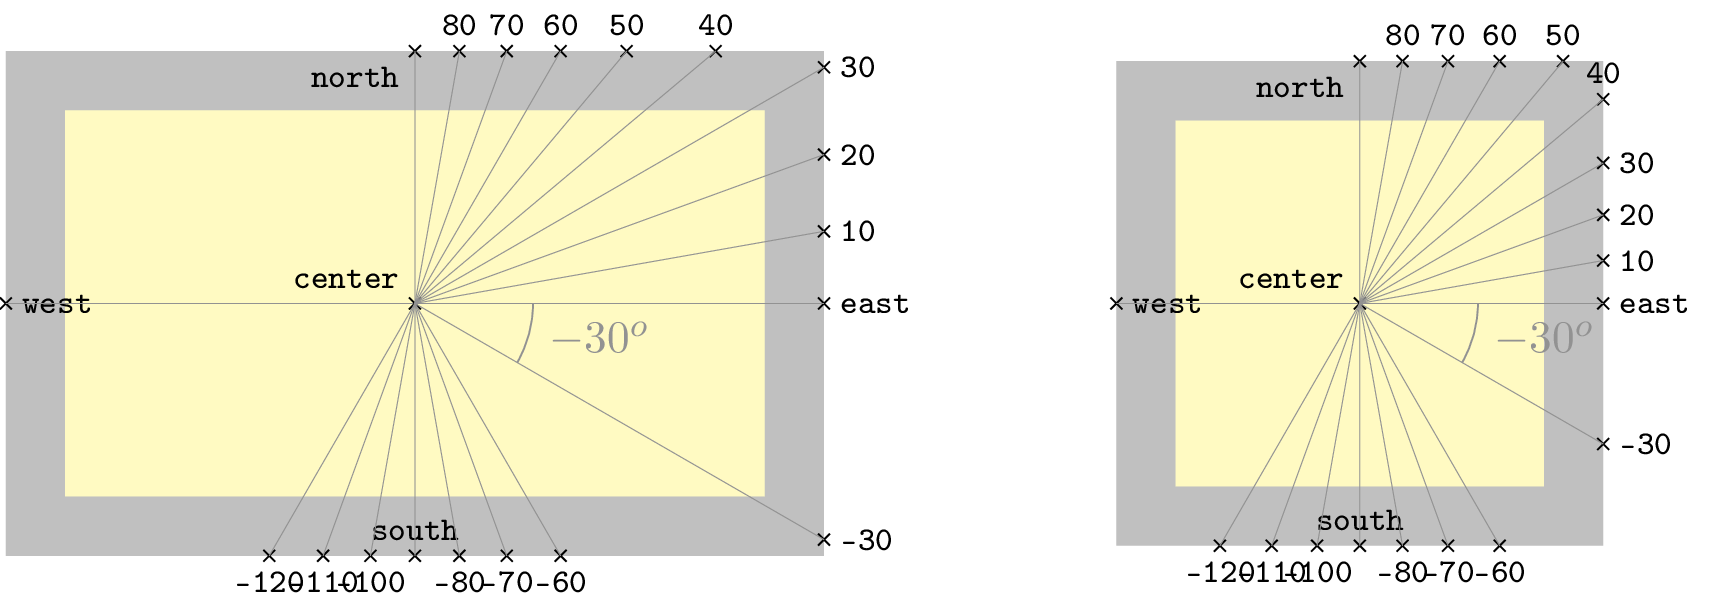 2 Class diagrams